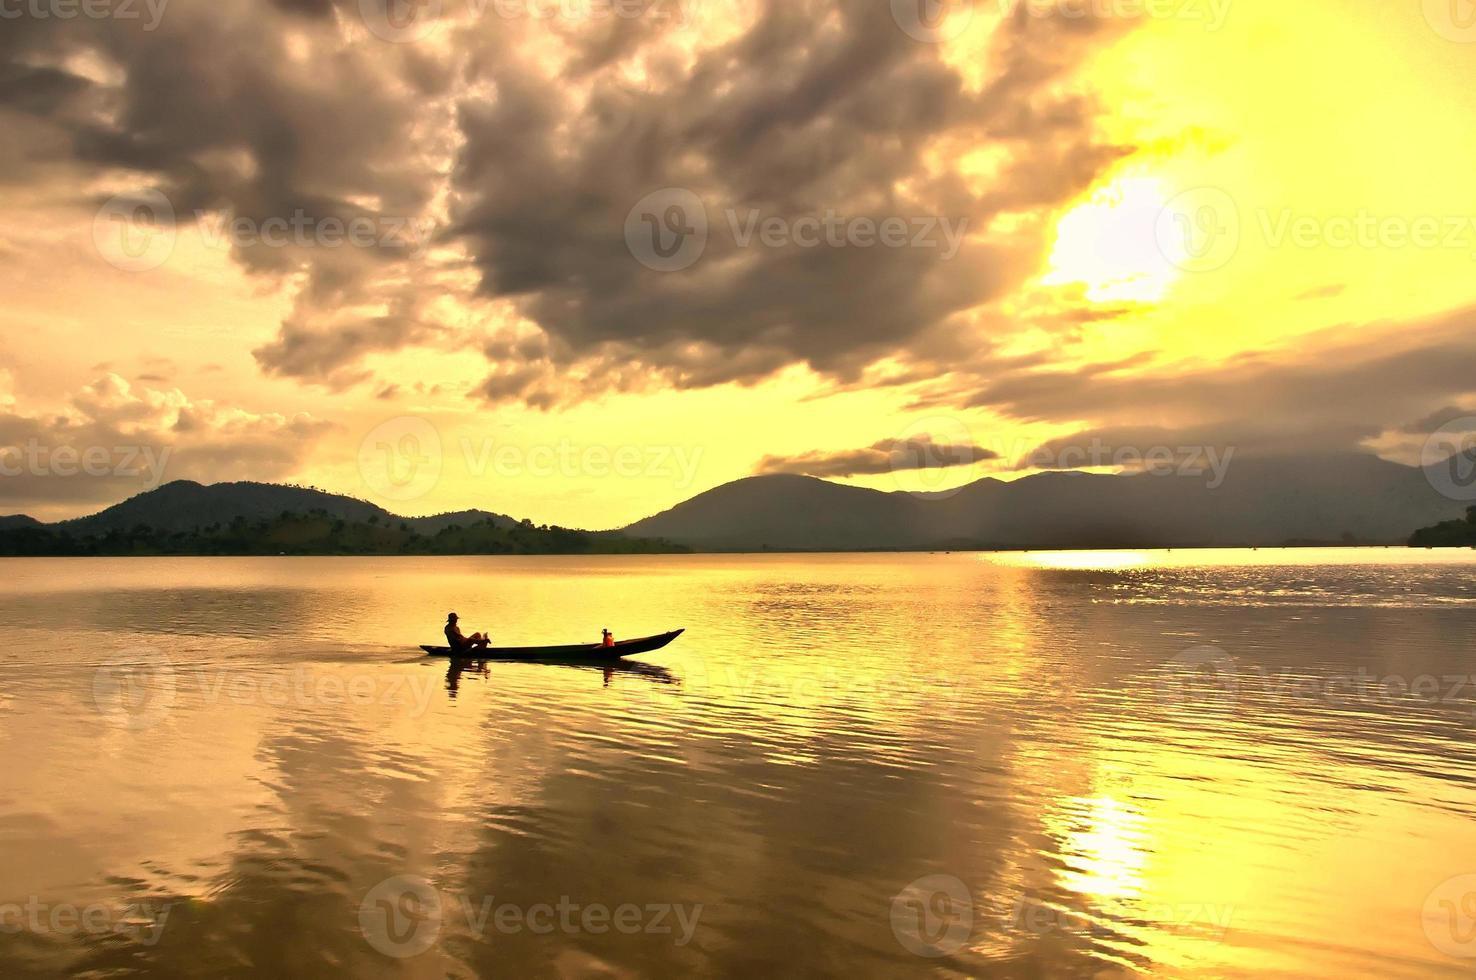 Fishman op Lake Lake, Daklak, Buon Ma Thuoc, Vietnam foto